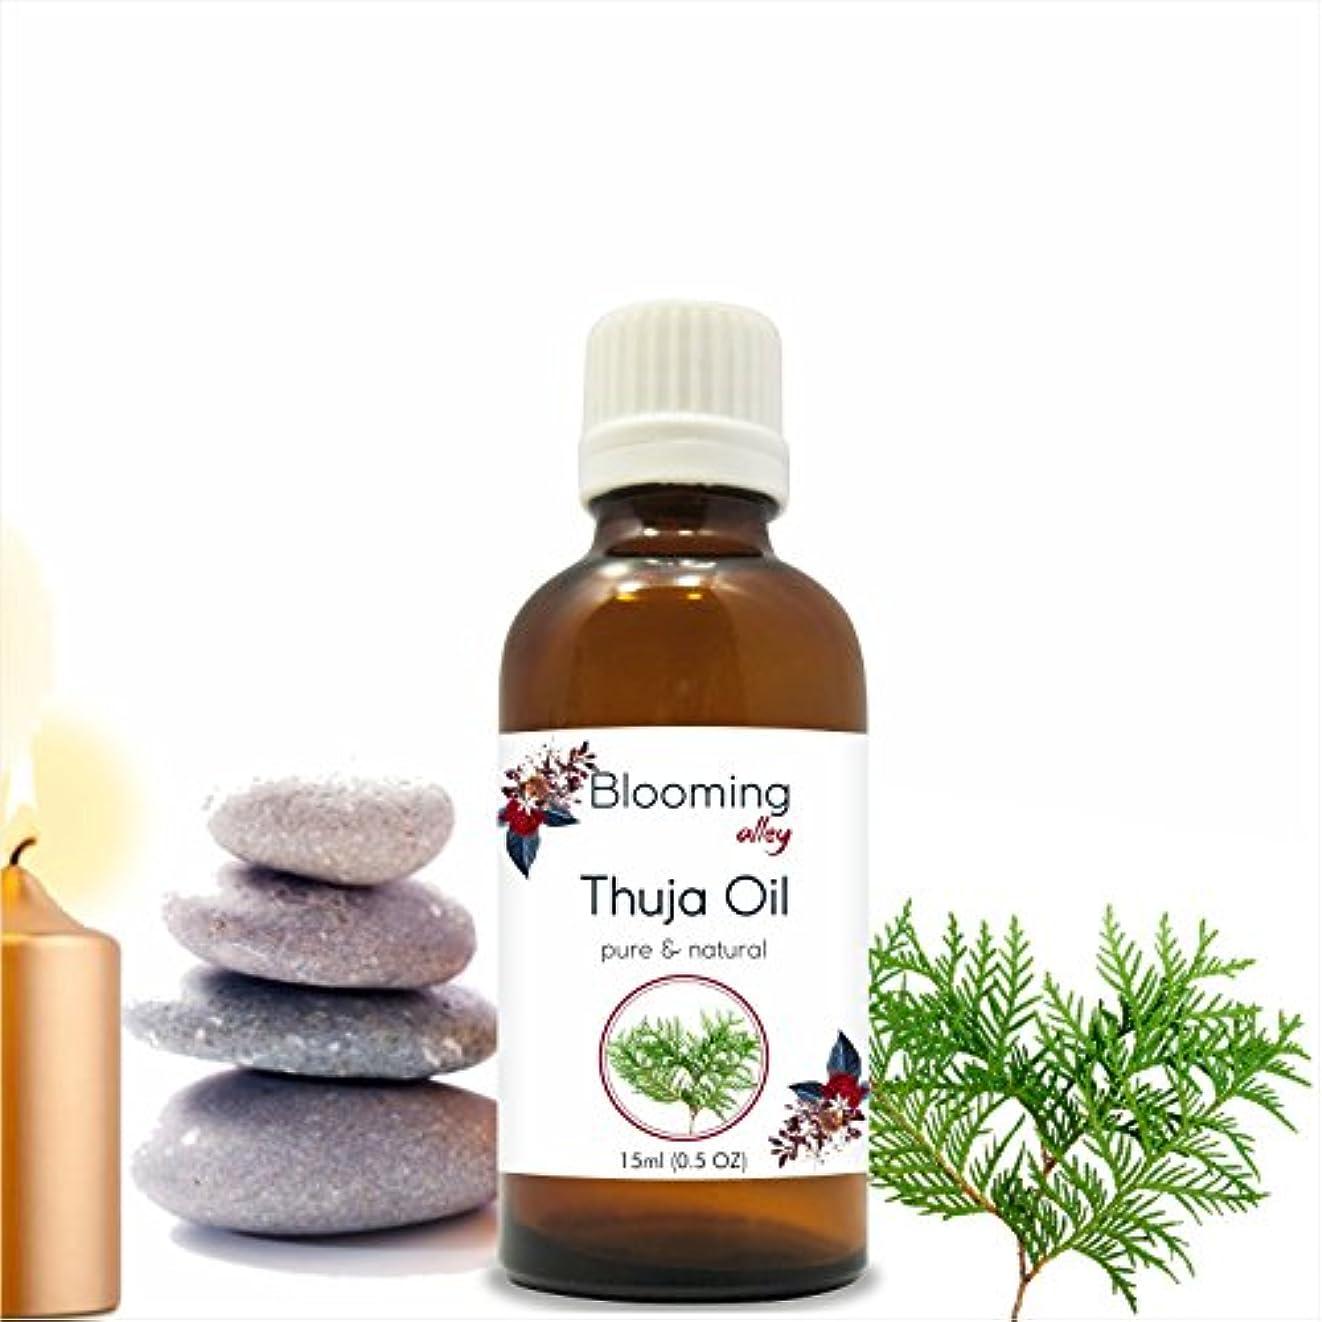 バースコロニアル交換可能Thuja Oil(Thuja Orientali) Essential Oil 15 ml or .50 Fl Oz by Blooming Alley